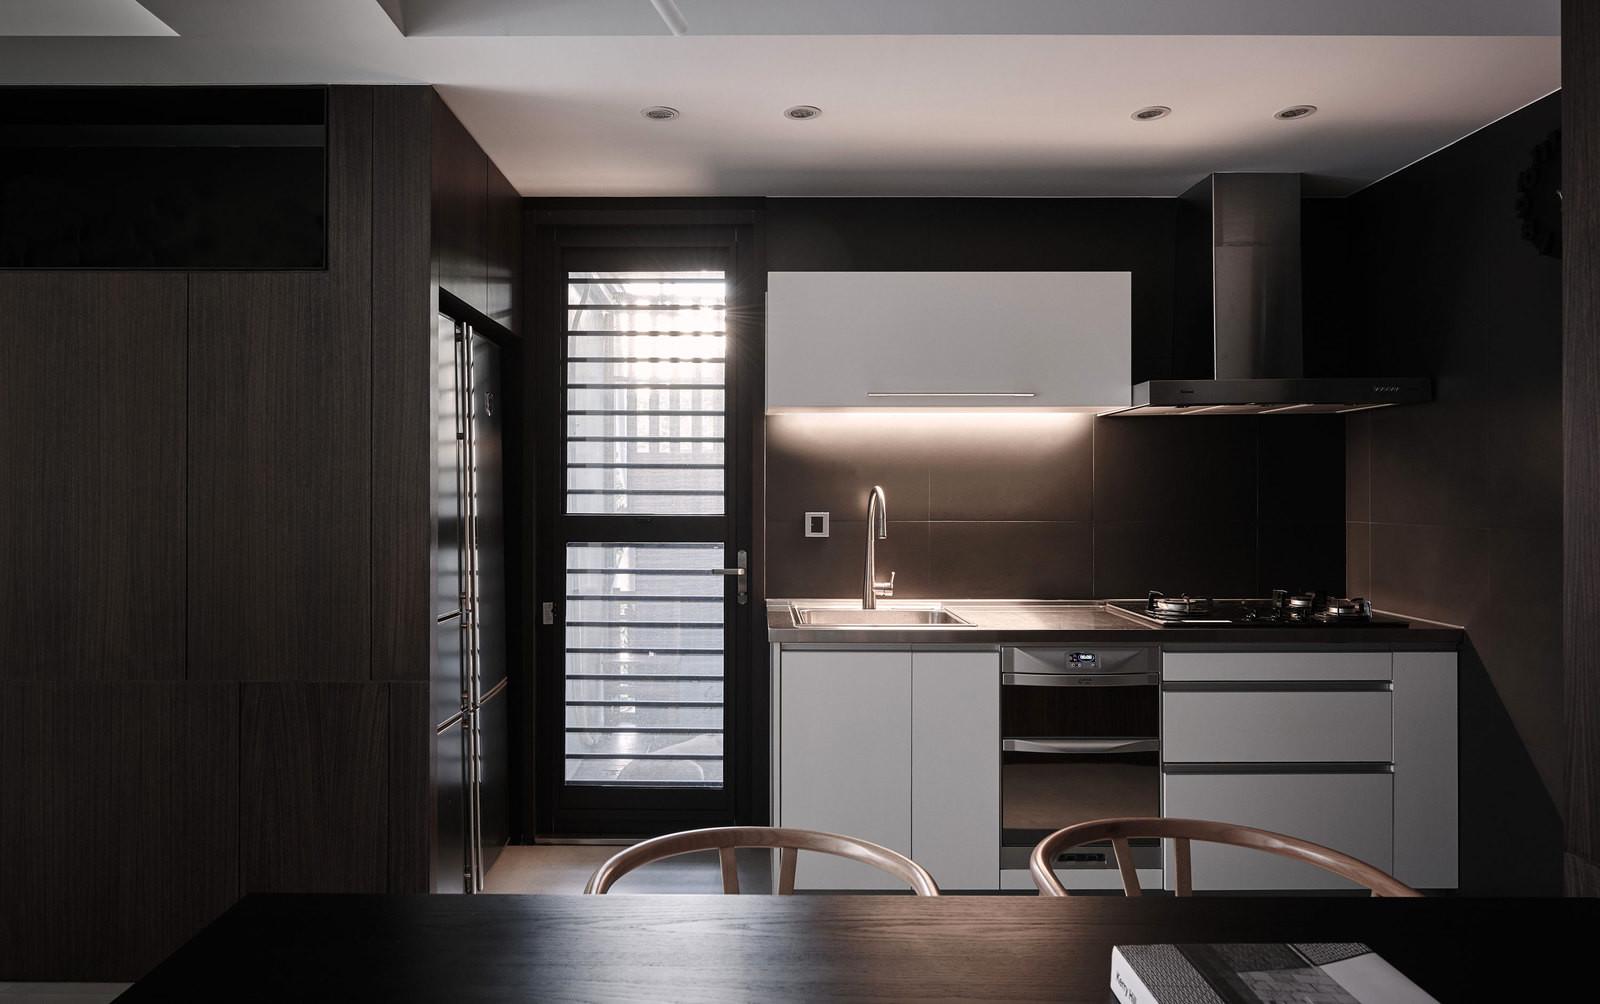 etaj-ot-kashta-s-moderen-i-prostoren-interioren-dizain-120-6g